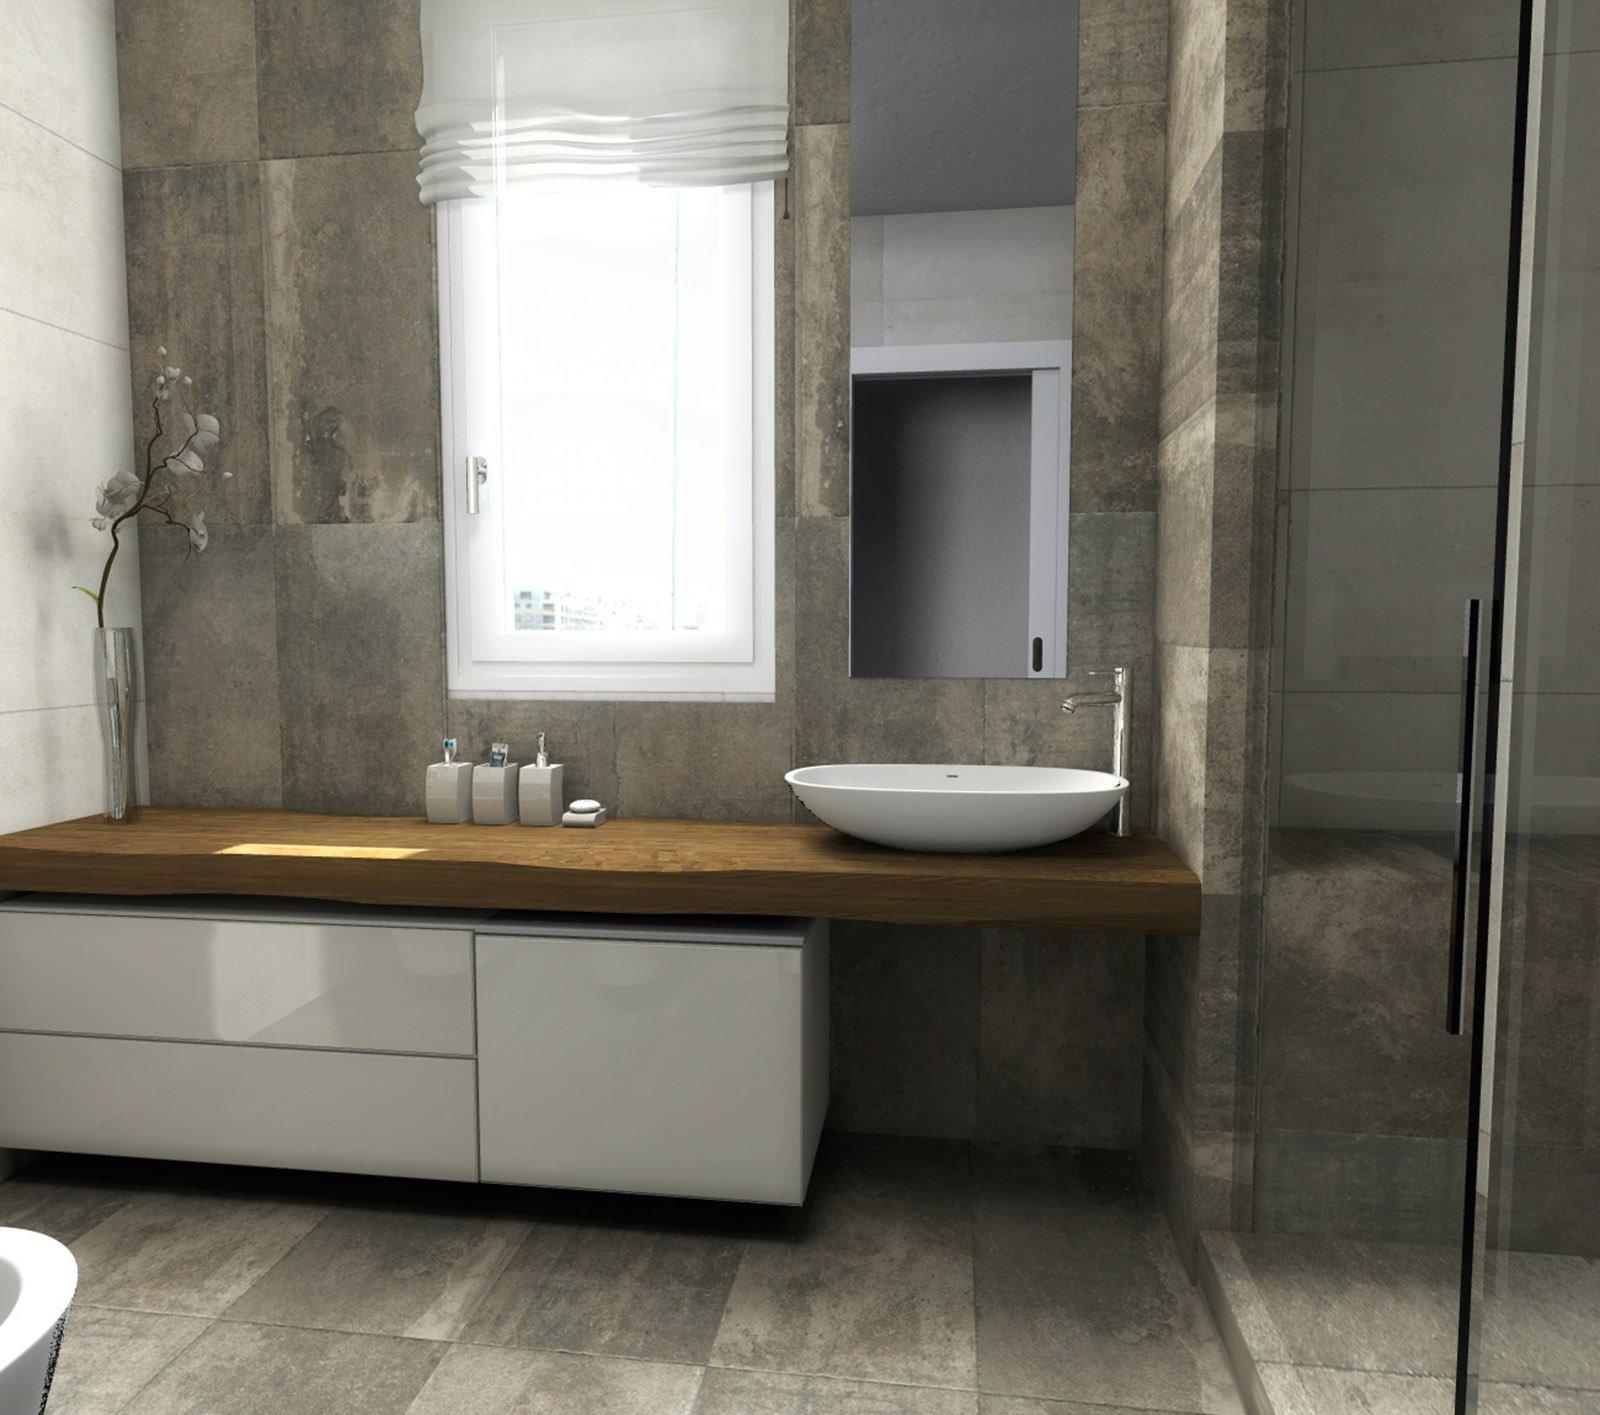 Bagno quale la distribuzione migliore per sanitari e doccia cose di casa - Bagno di casa ...